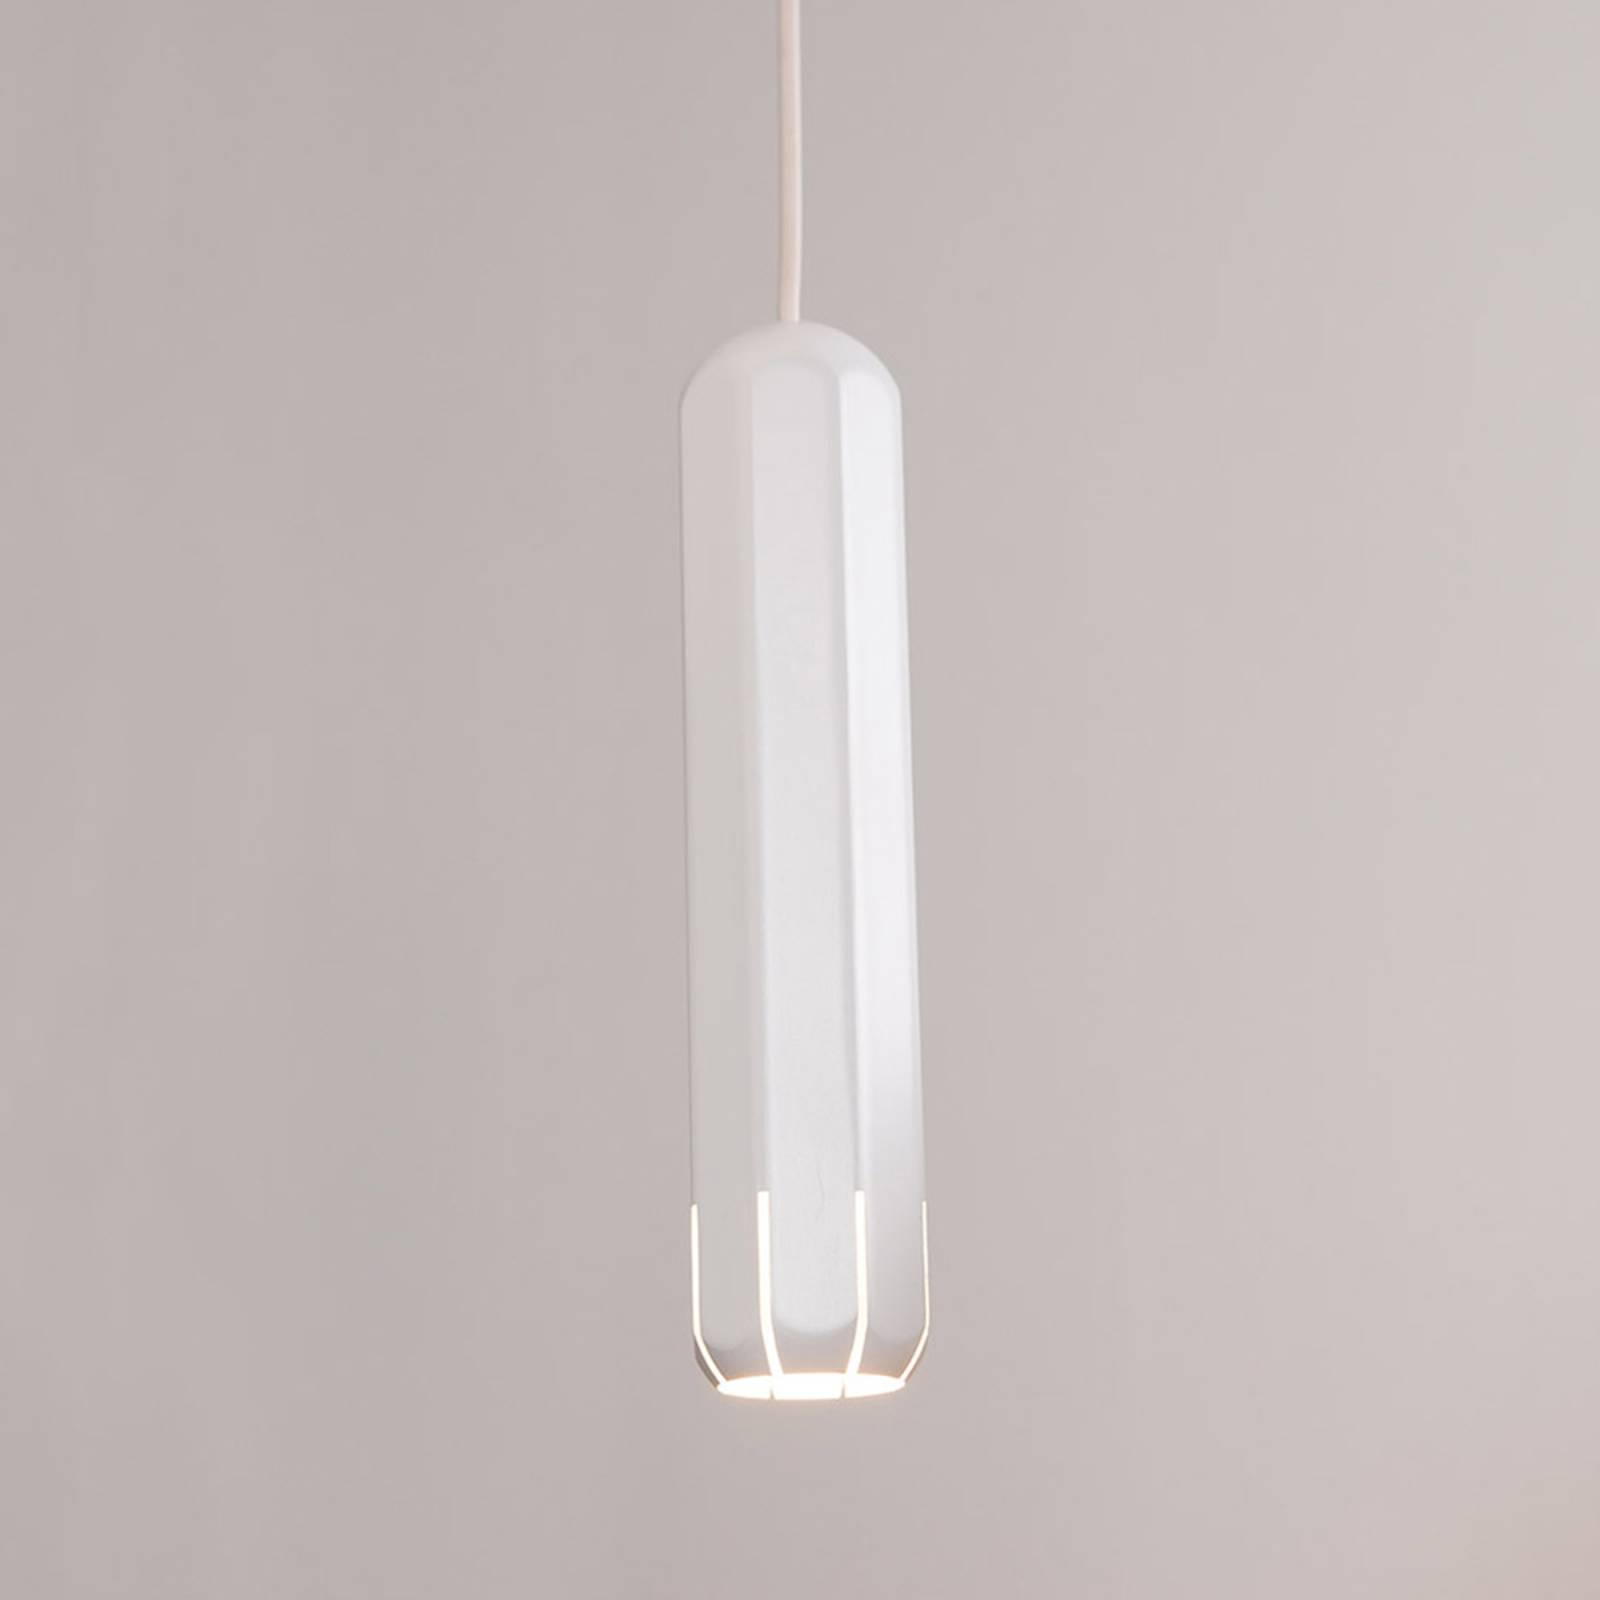 Innermost Brixton Spot 20-LED-riippuvalo valkoinen